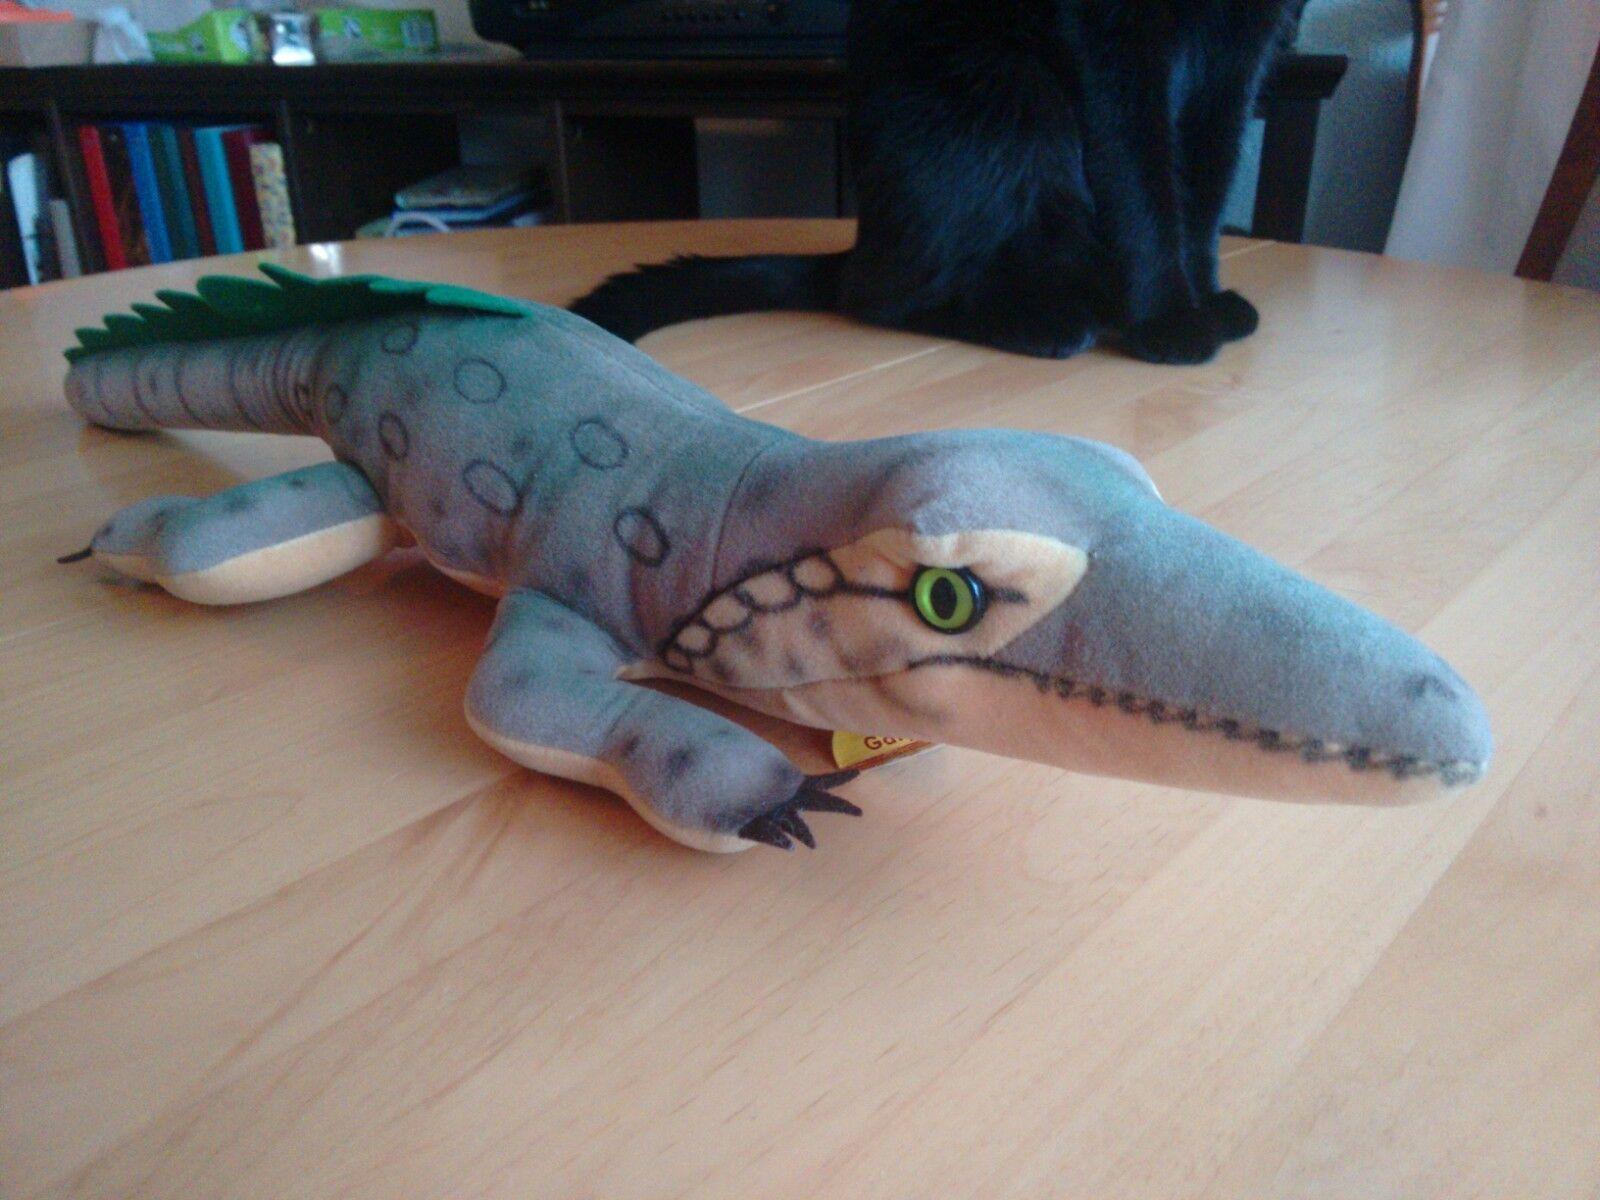 Steiff Aligator Gaty - Plüschtier - ca. 55 cm lang - Kuscheltier  | Neu